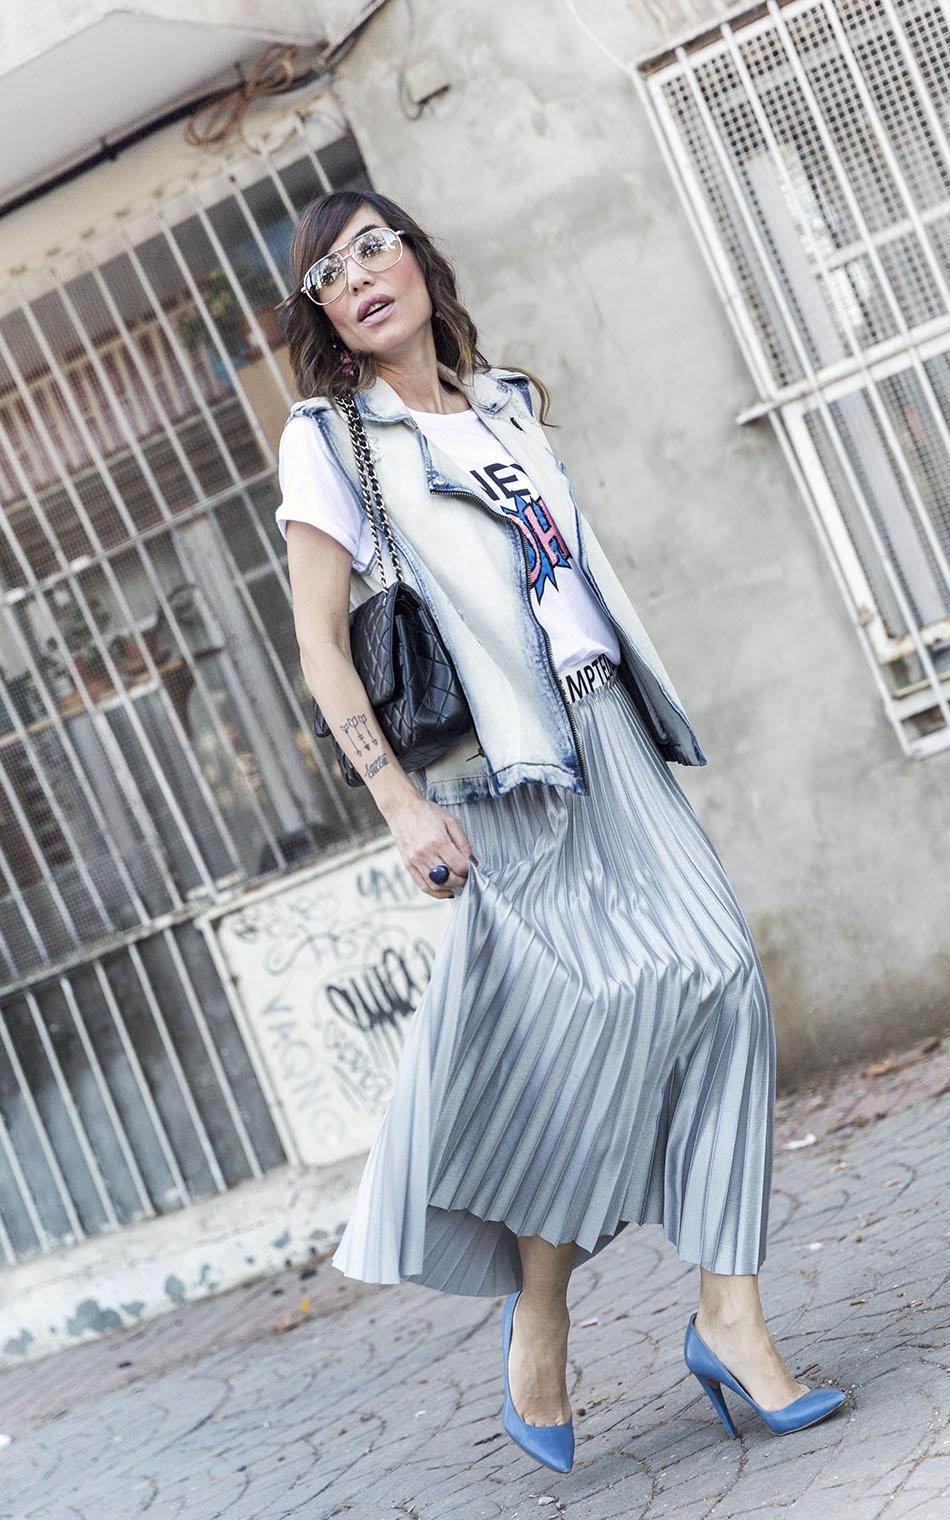 look de street style con chaleco vaquero, camiseta de Mango con texto New York, falda plisada de color plata, zapatos de salon azules y bolso plateado